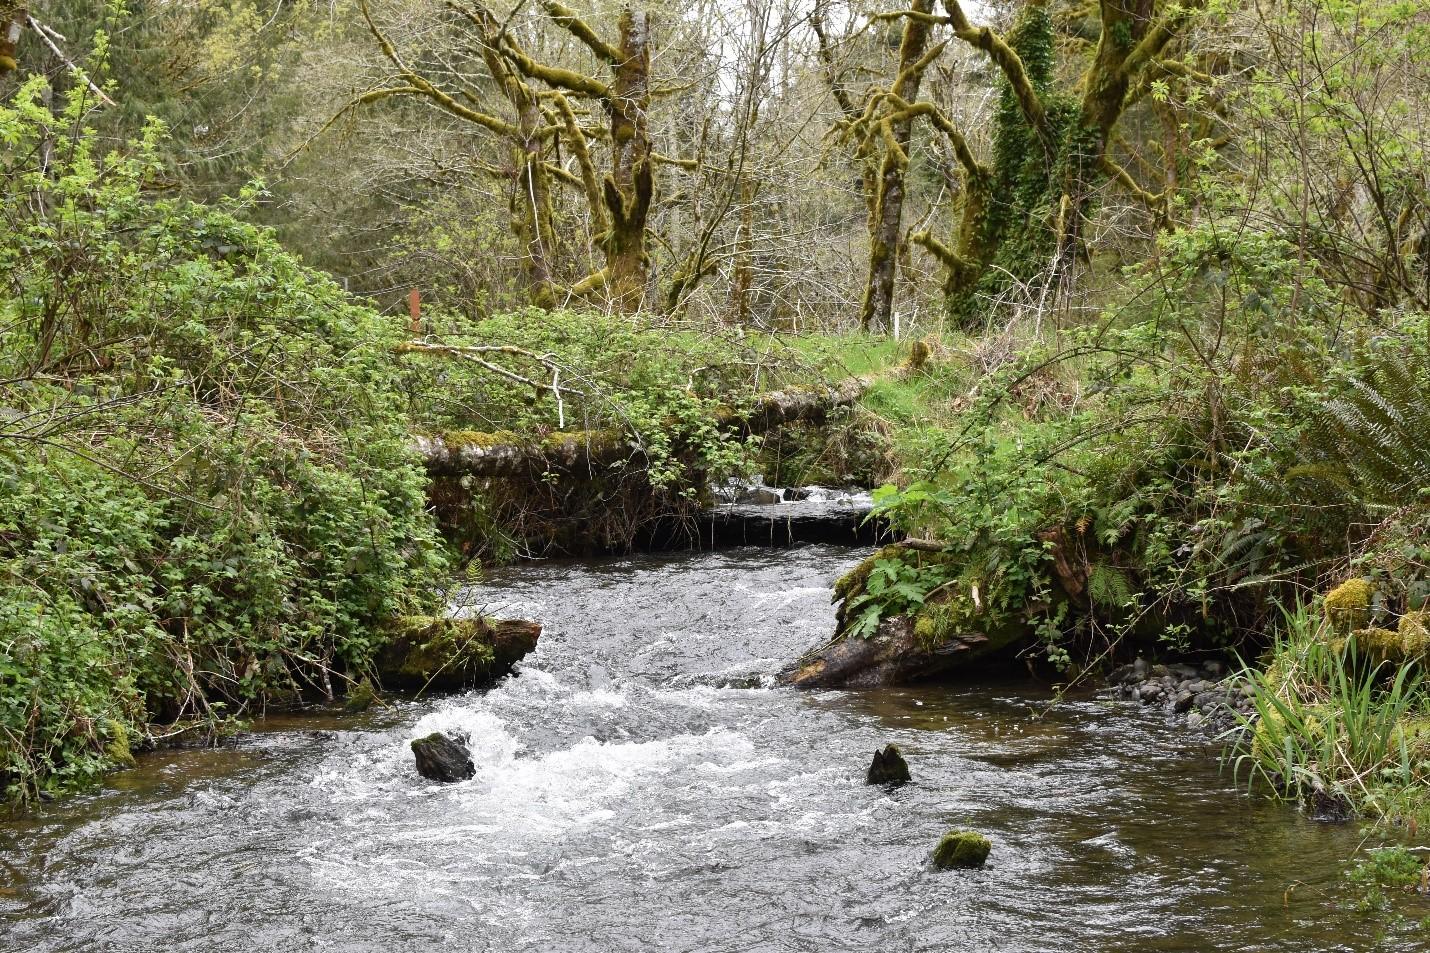 Bear_downstream_pre